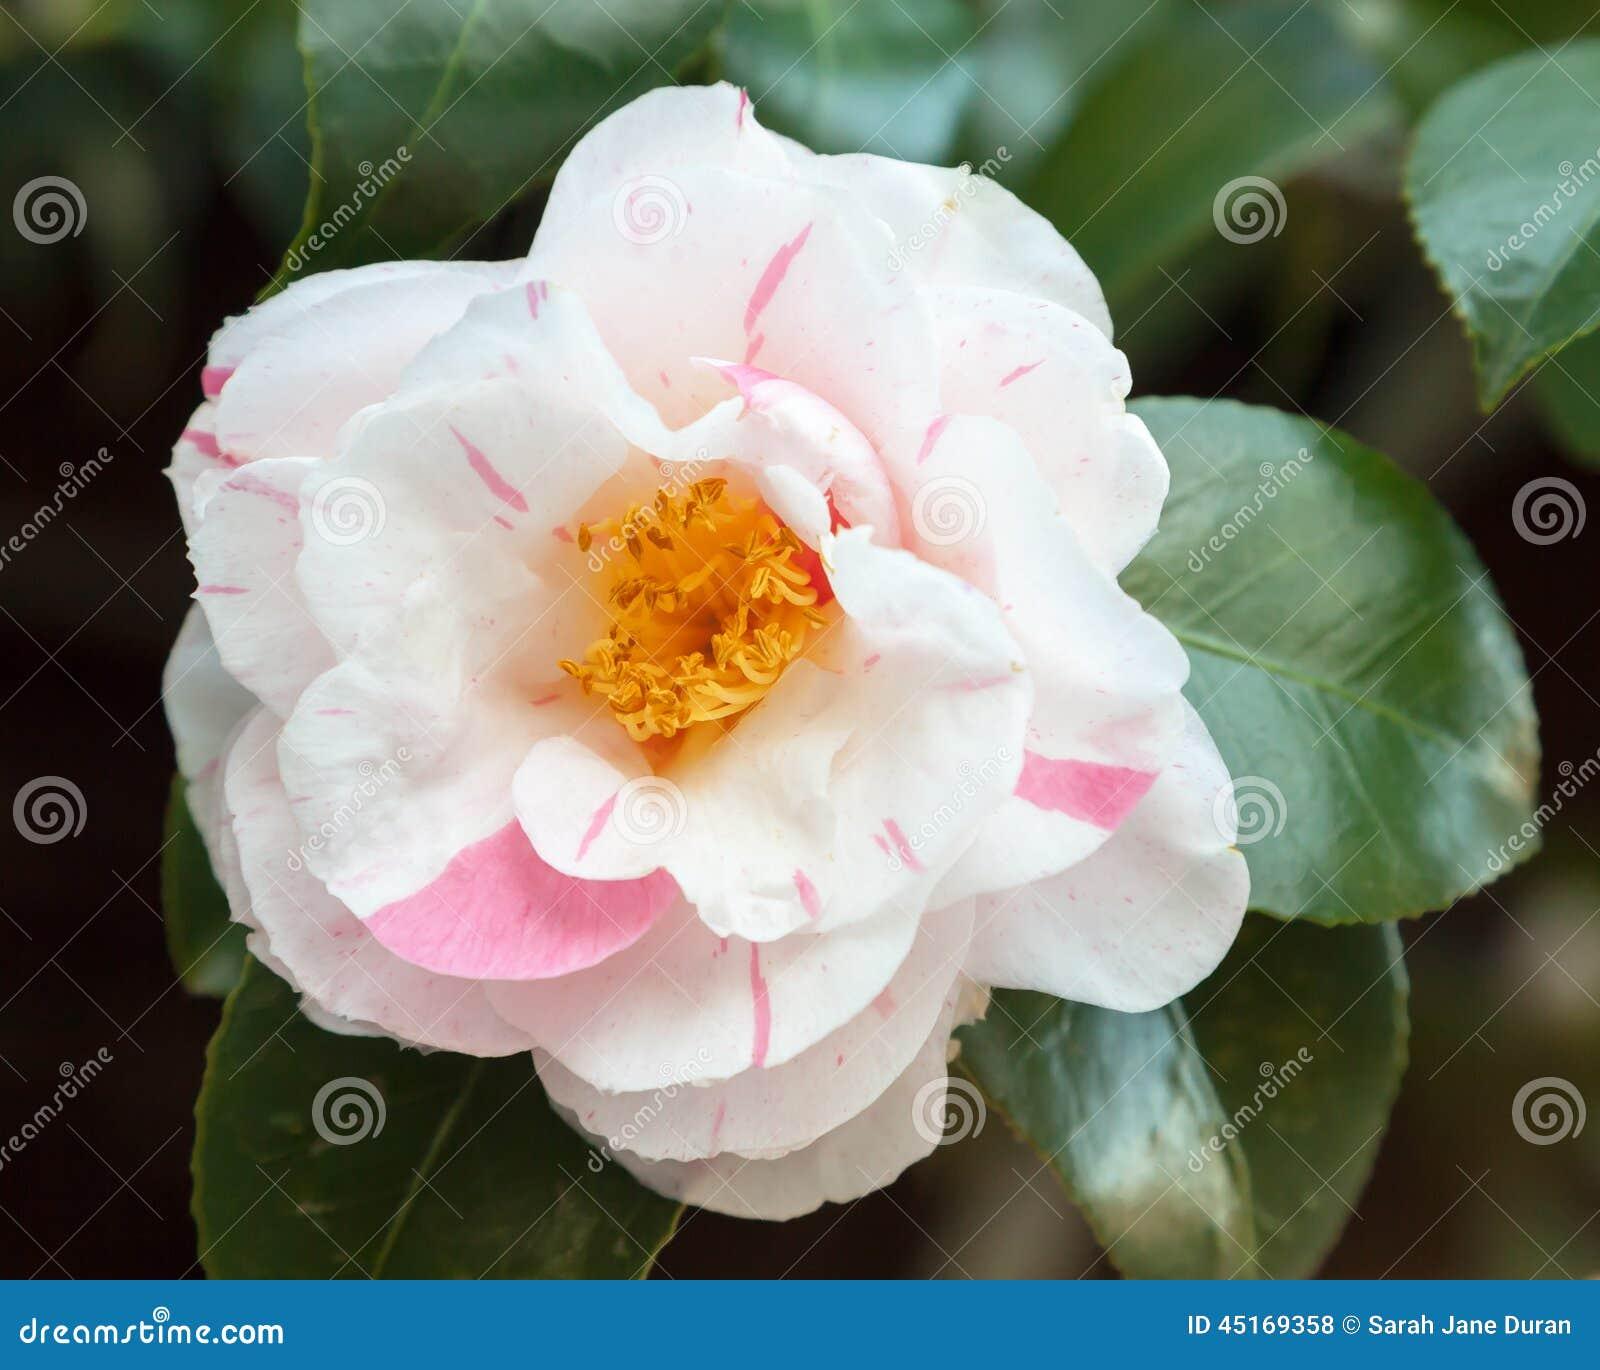 fleur blanche et rose du cognassier du japon de camélia 'tricolore